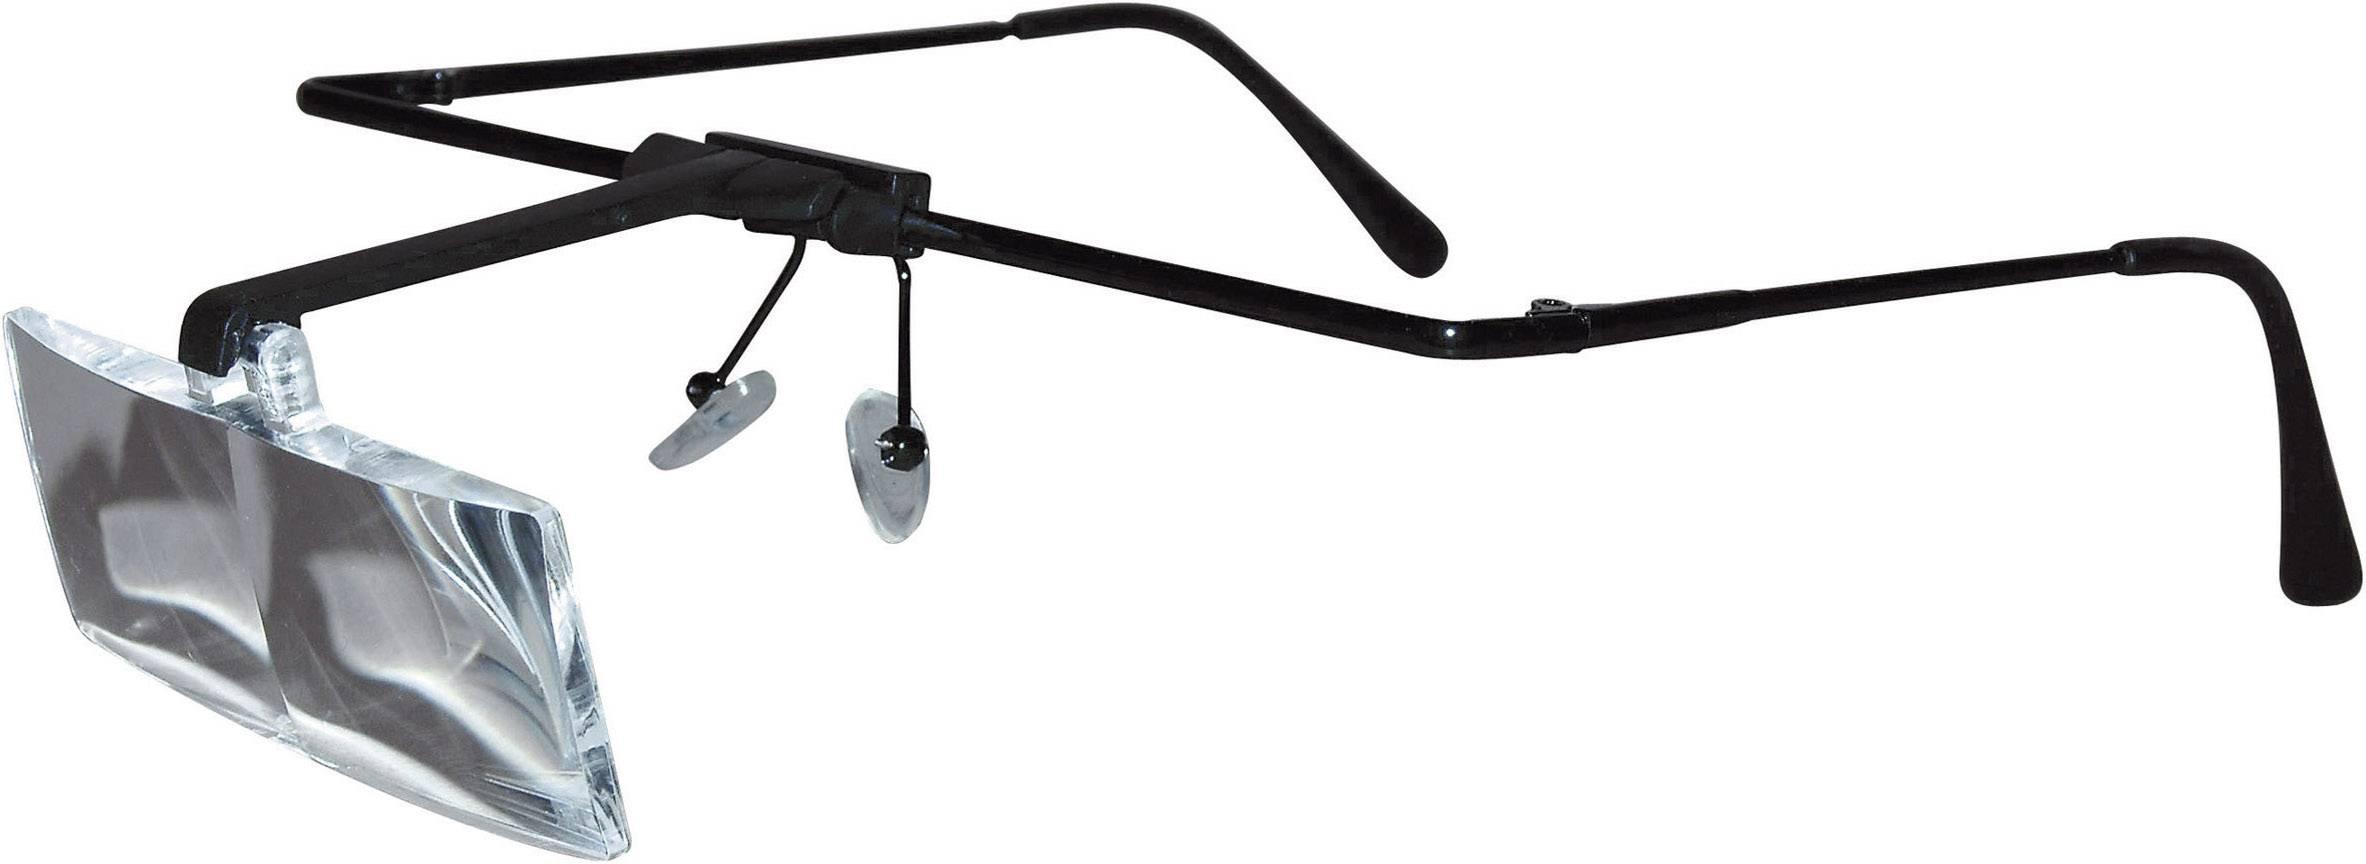 Loepbril Vergrotingsfactor: 1.5 x, 2.5 x, 3.5 x | Conrad.nl